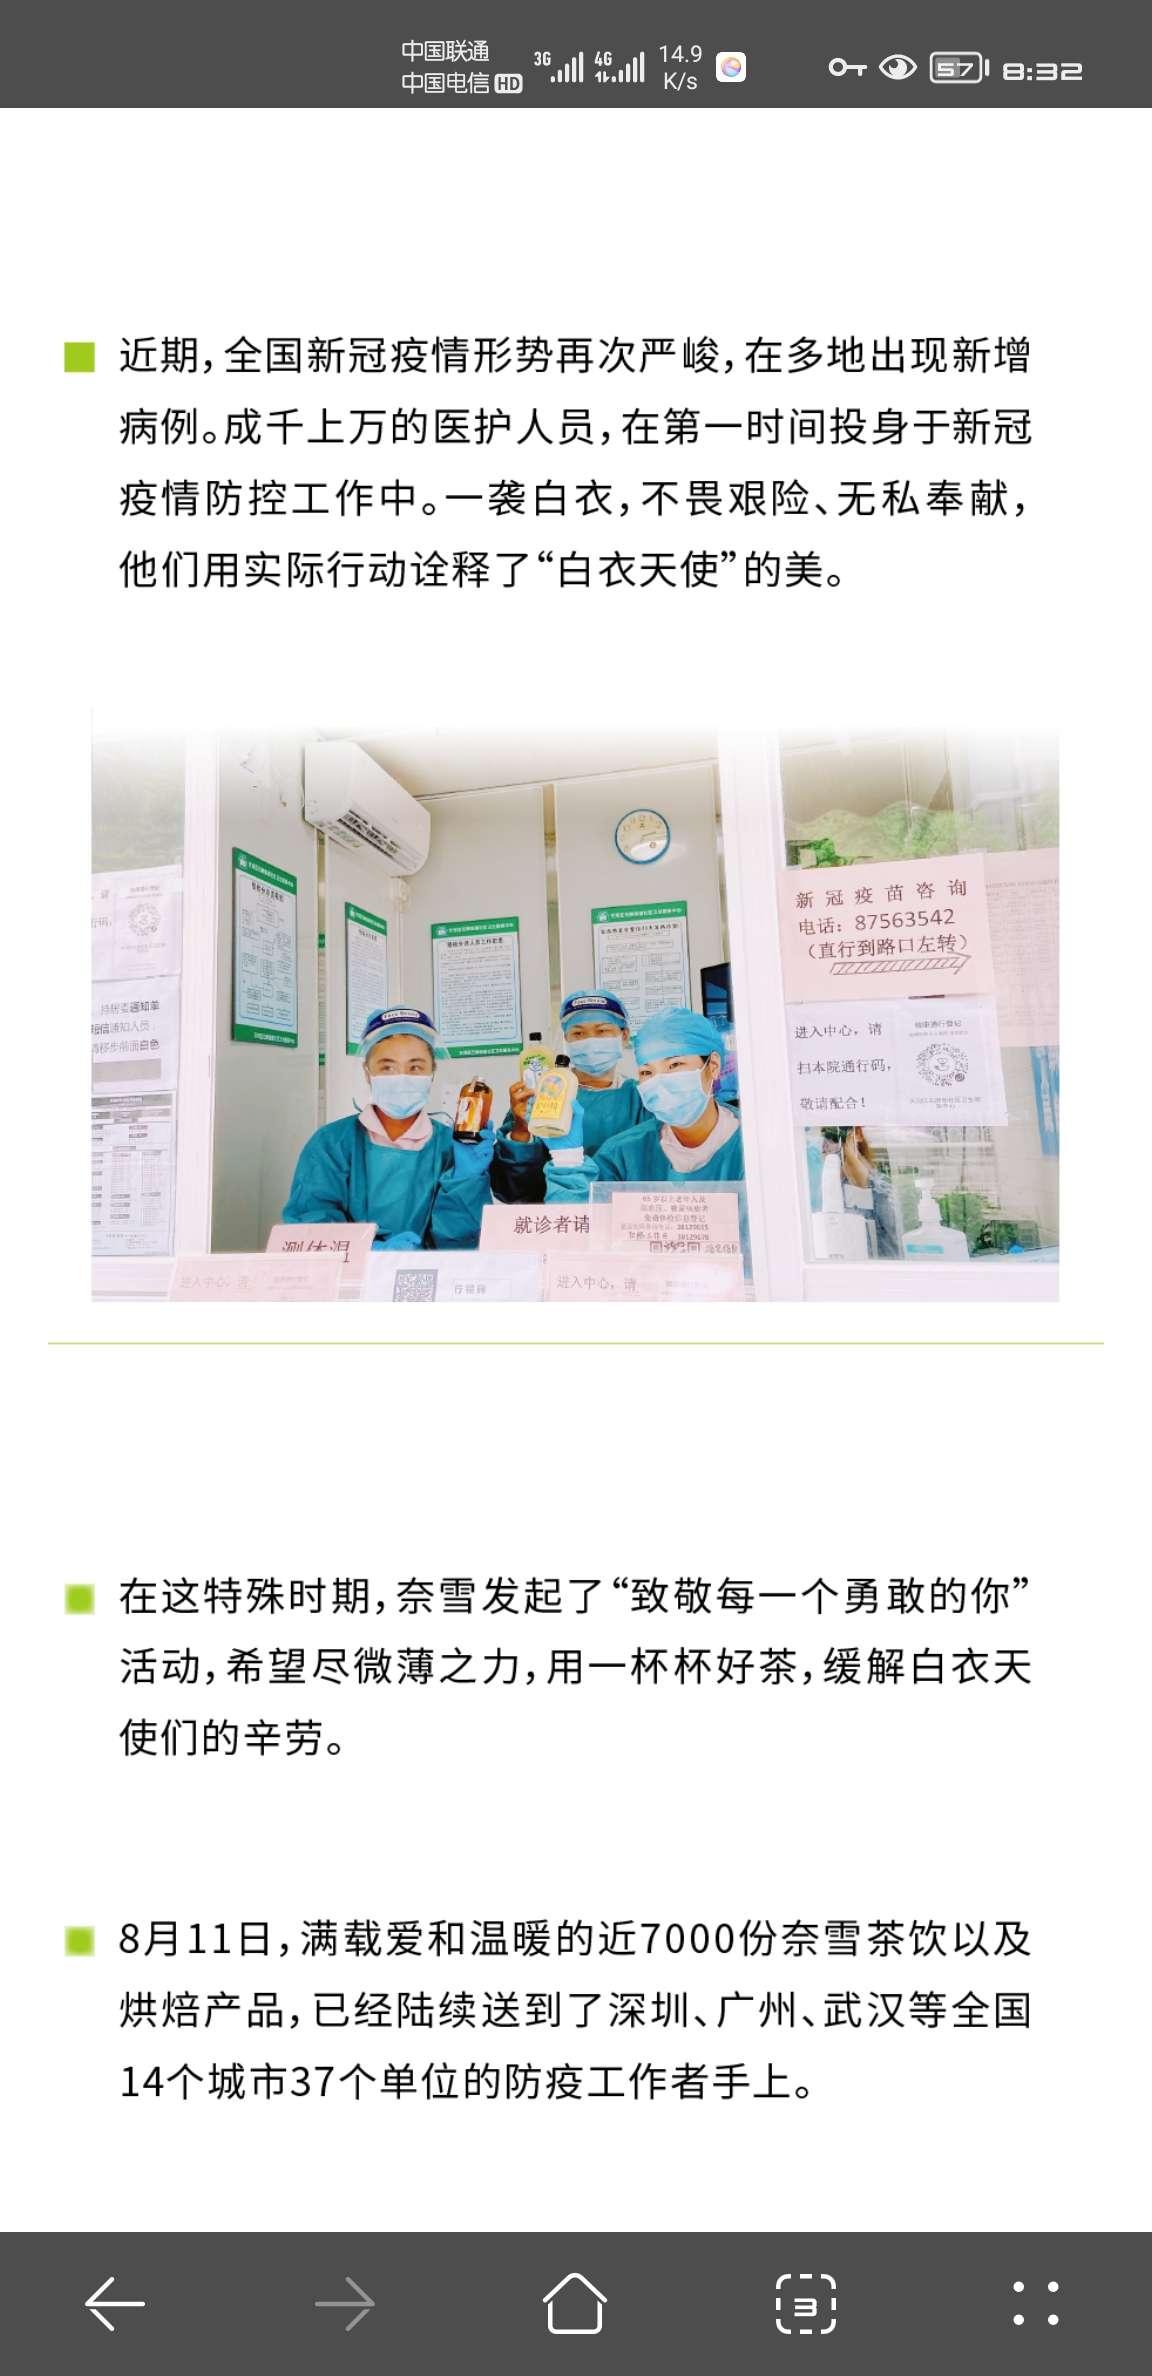 【虚拟物品】医务抗疫人员领奈雪茶插图1